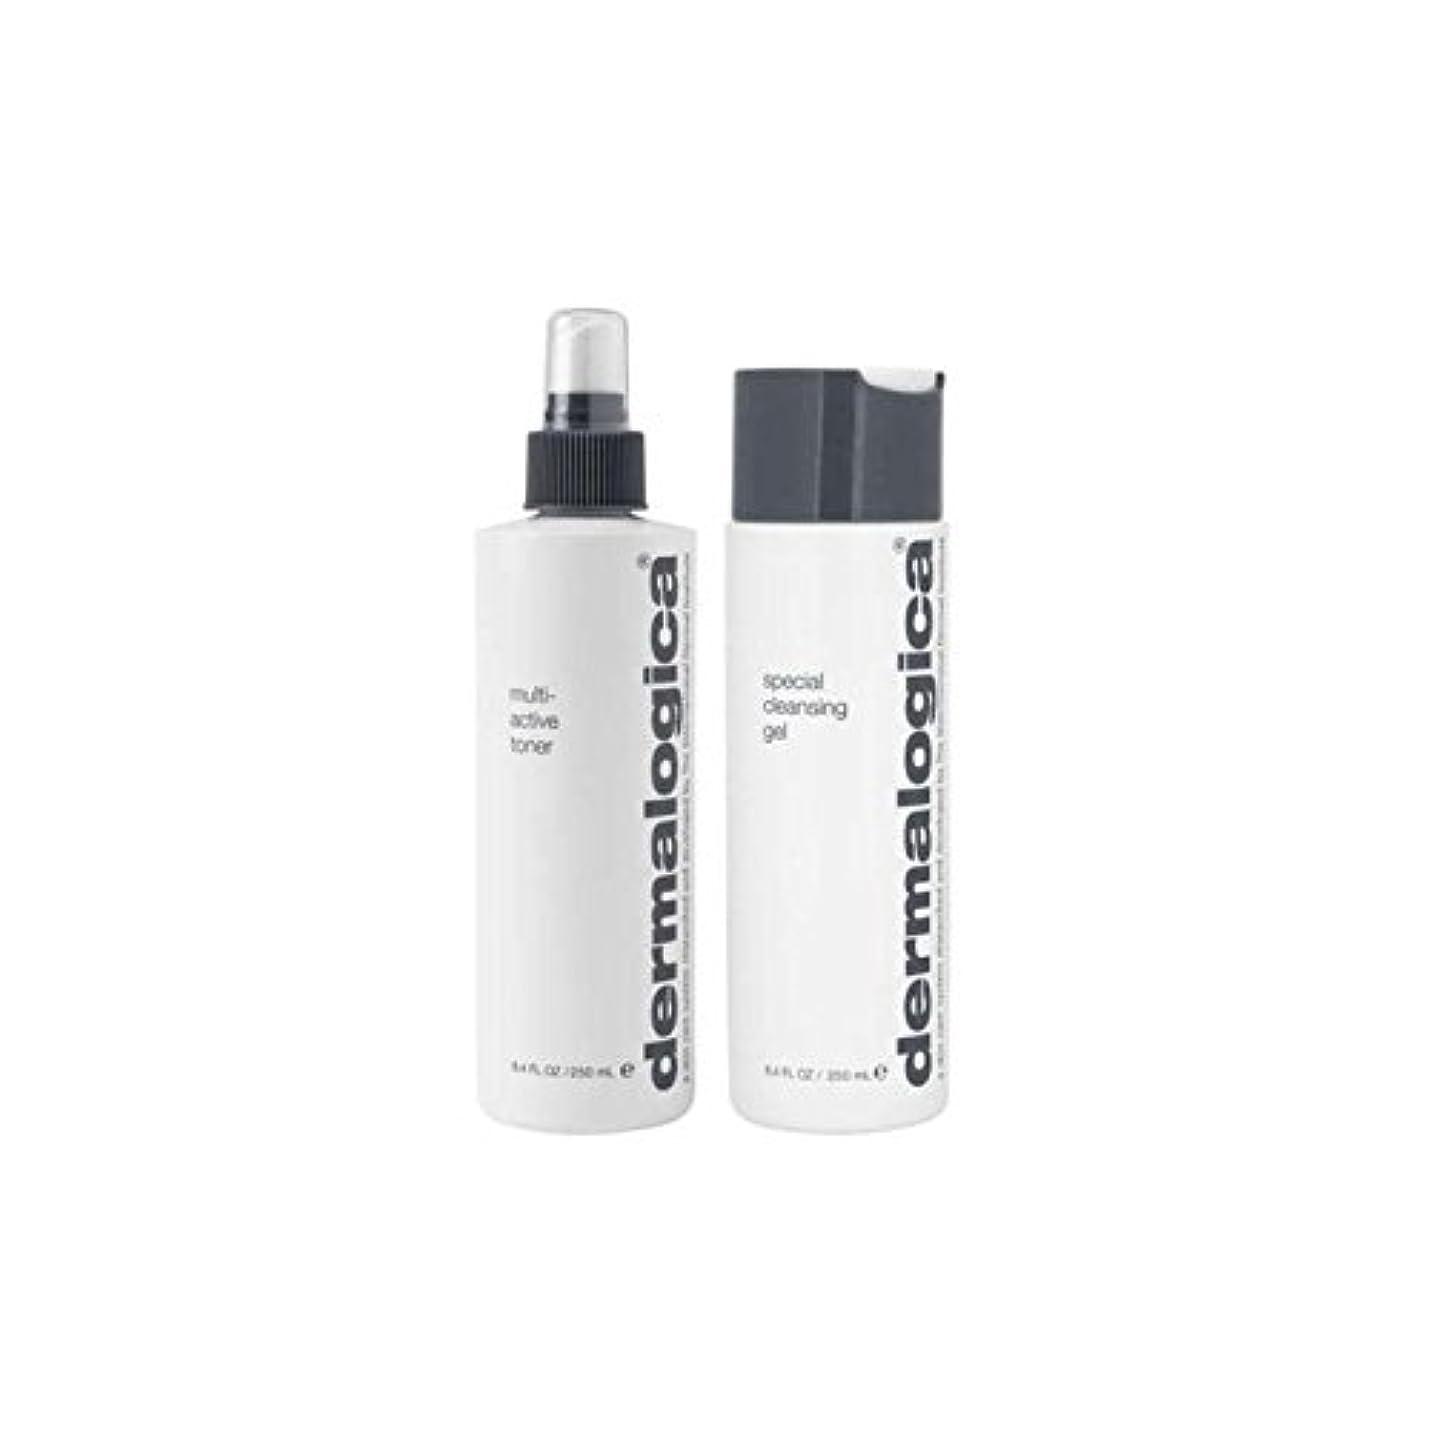 引退するせがむキュービックダーマロジカクレンジング&トーンデュオ - ノーマル/ドライスキン(2製品) x4 - Dermalogica Cleanse & Tone Duo - Normal/Dry Skin (2 Products) (Pack of 4) [並行輸入品]